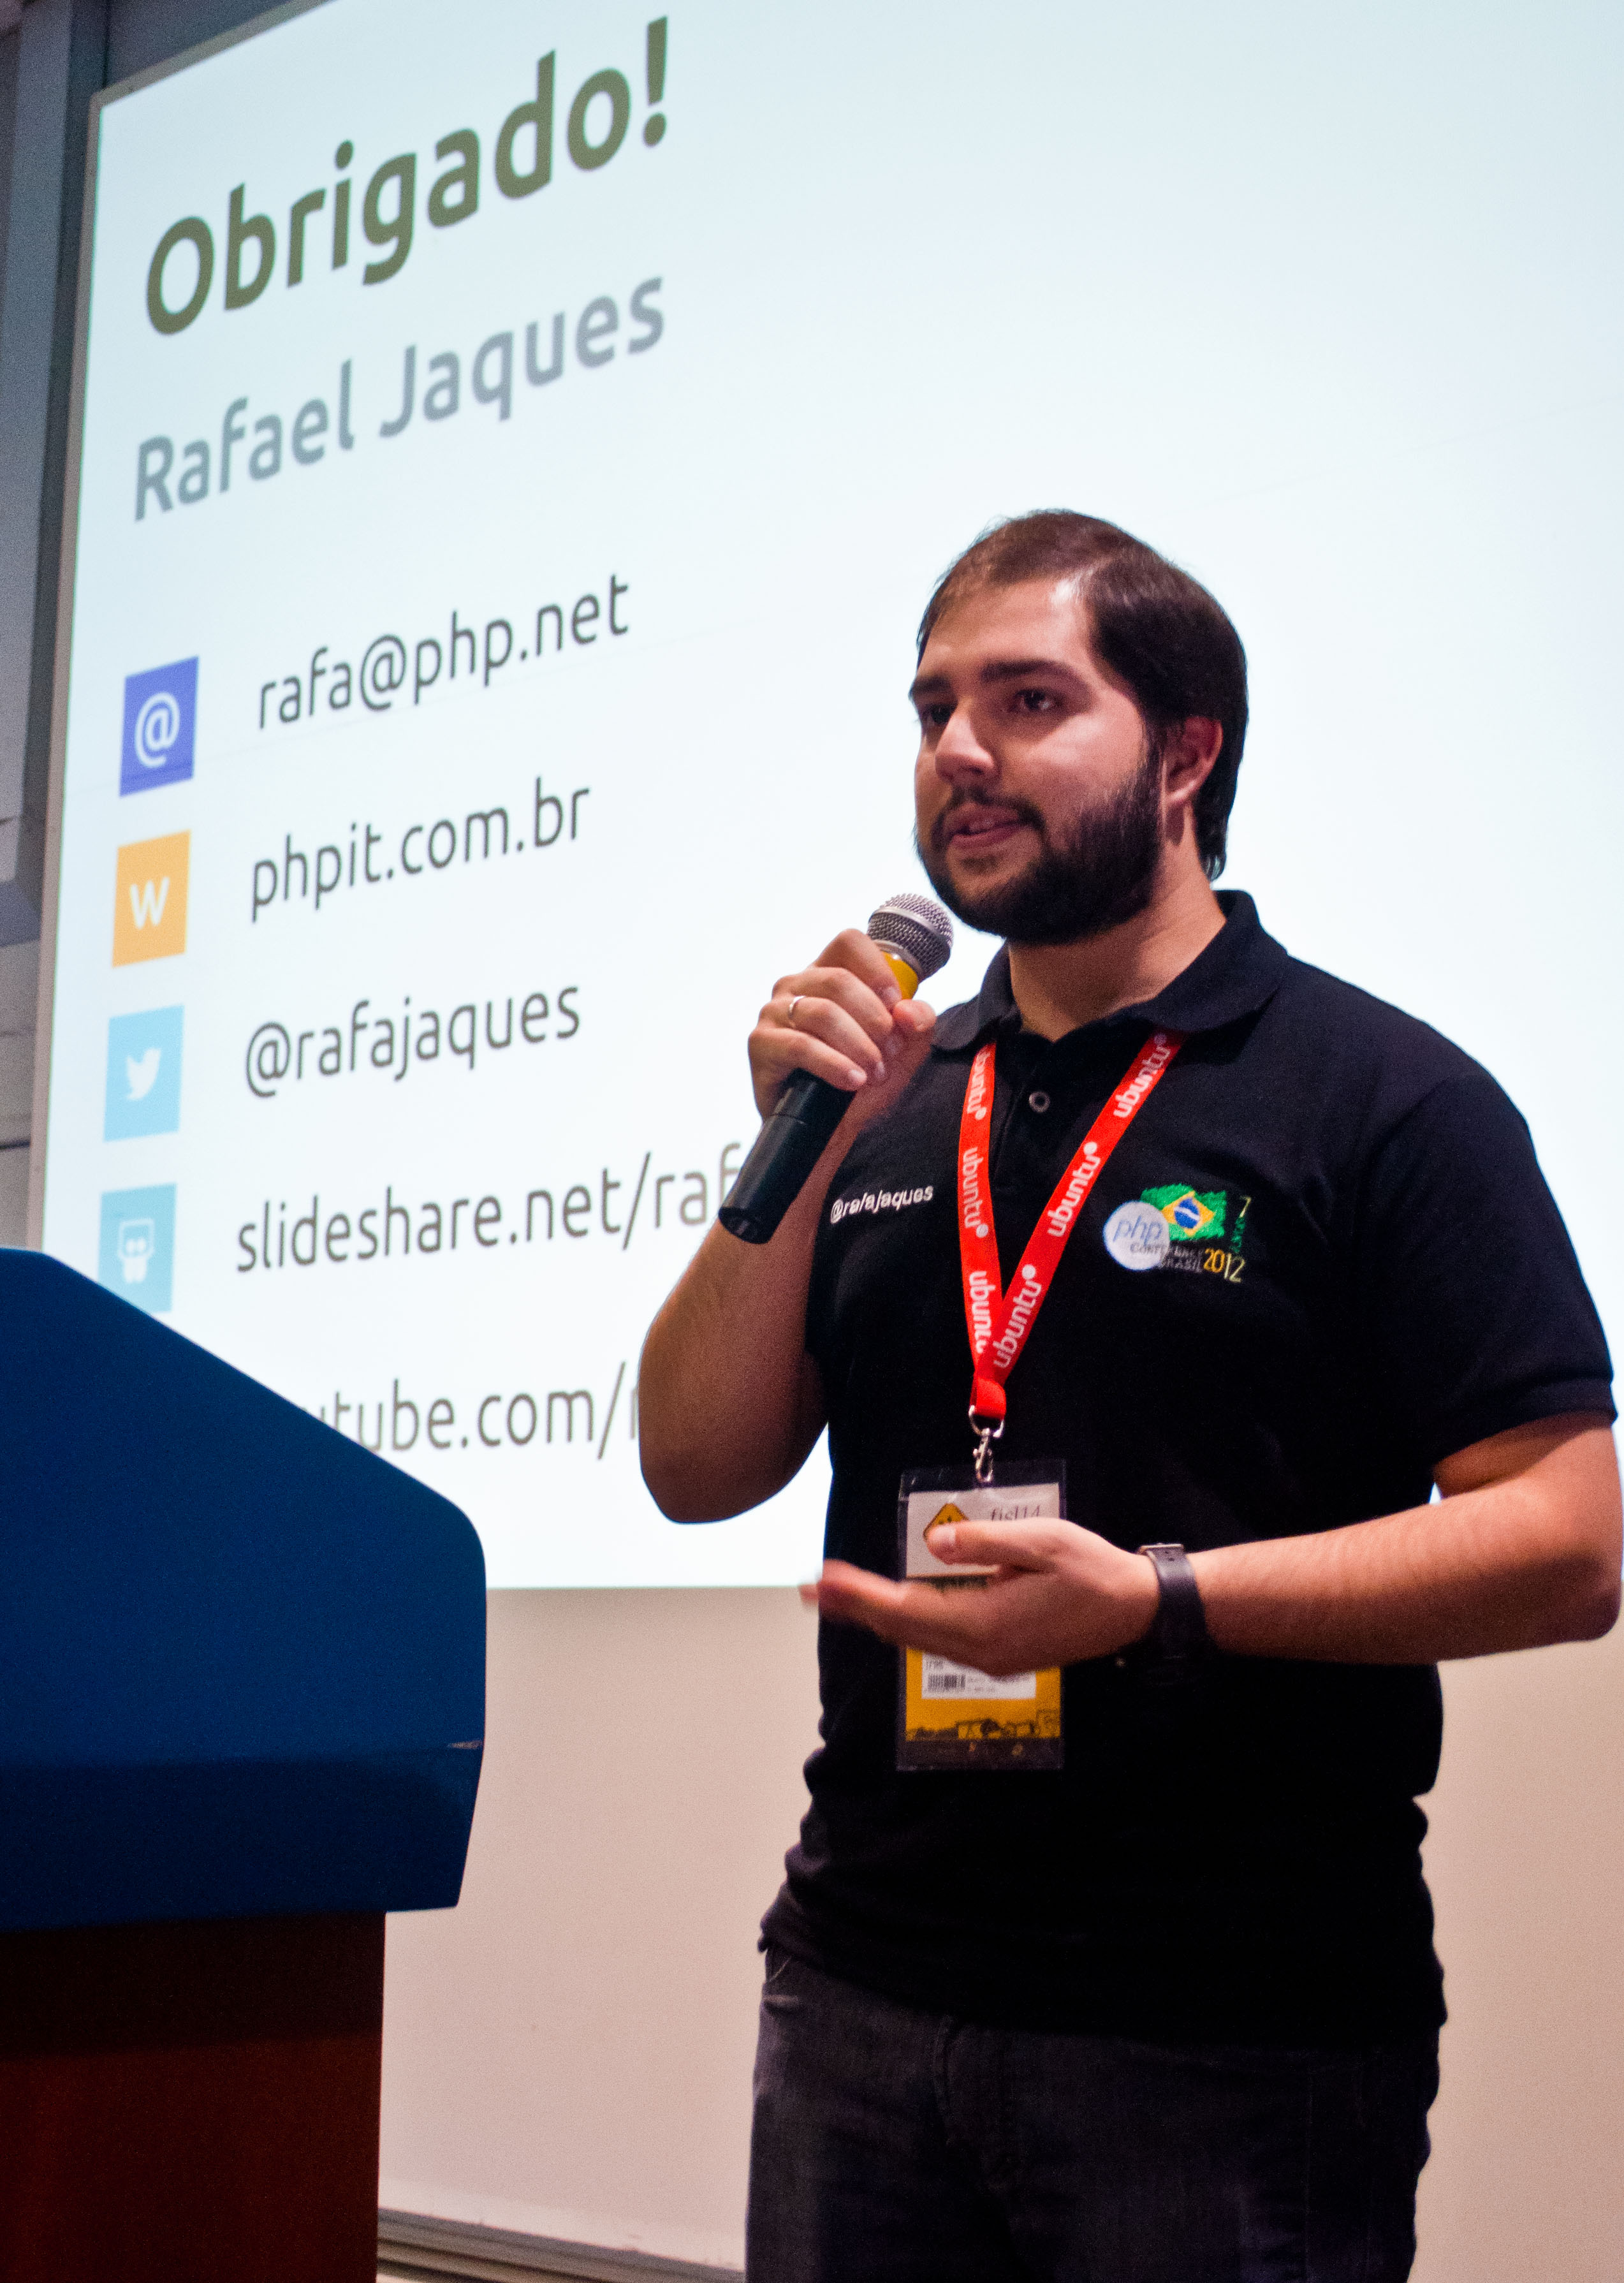 Rafael Jaques no 14º Fisl (Foto: Giordano Tronco/Techtudo)